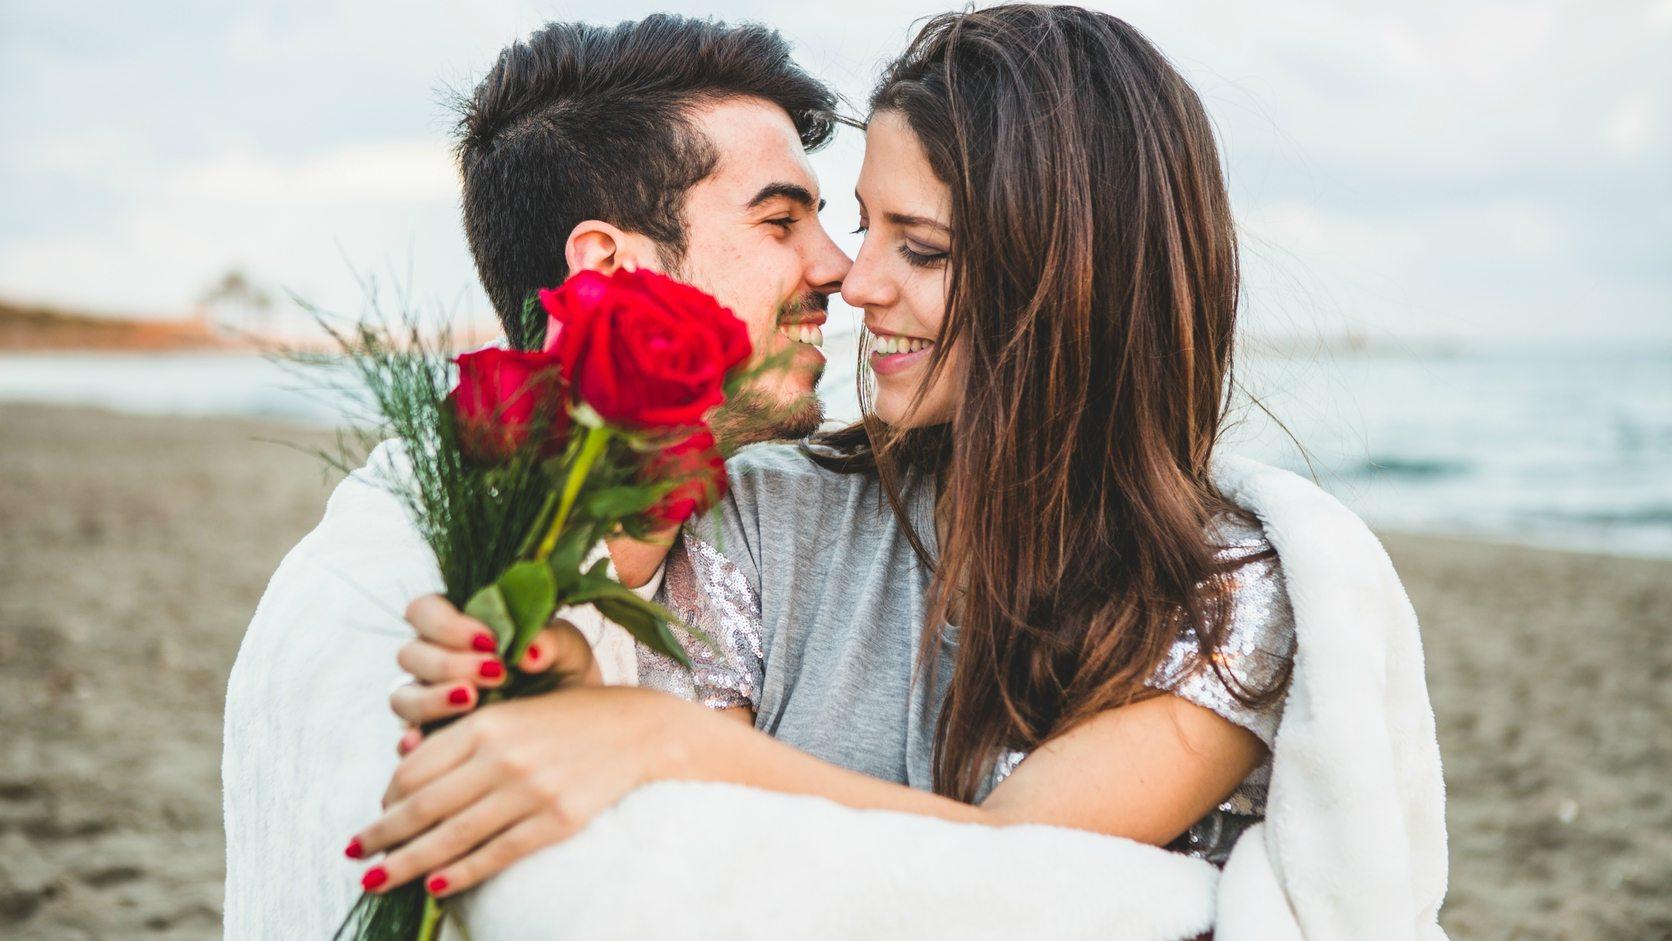 5 Cosas Que Sienten Las Mujeres Cuando Les Regalan Flores